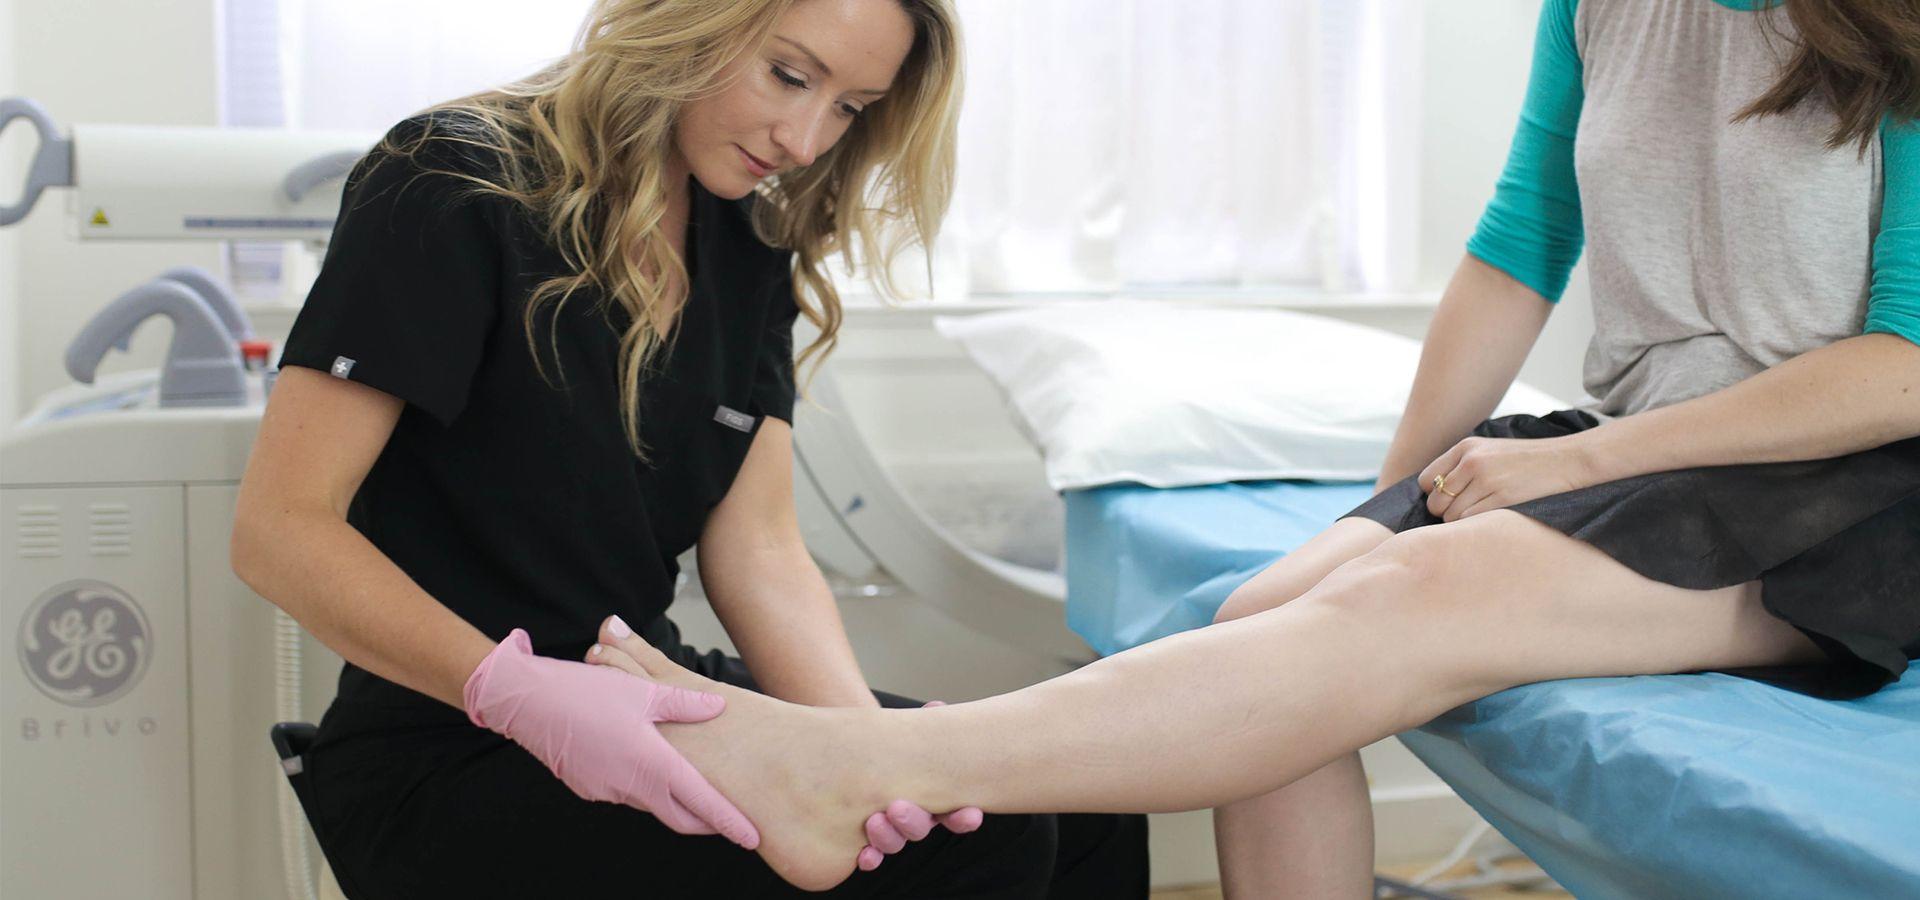 Dr. Novak examining a patient